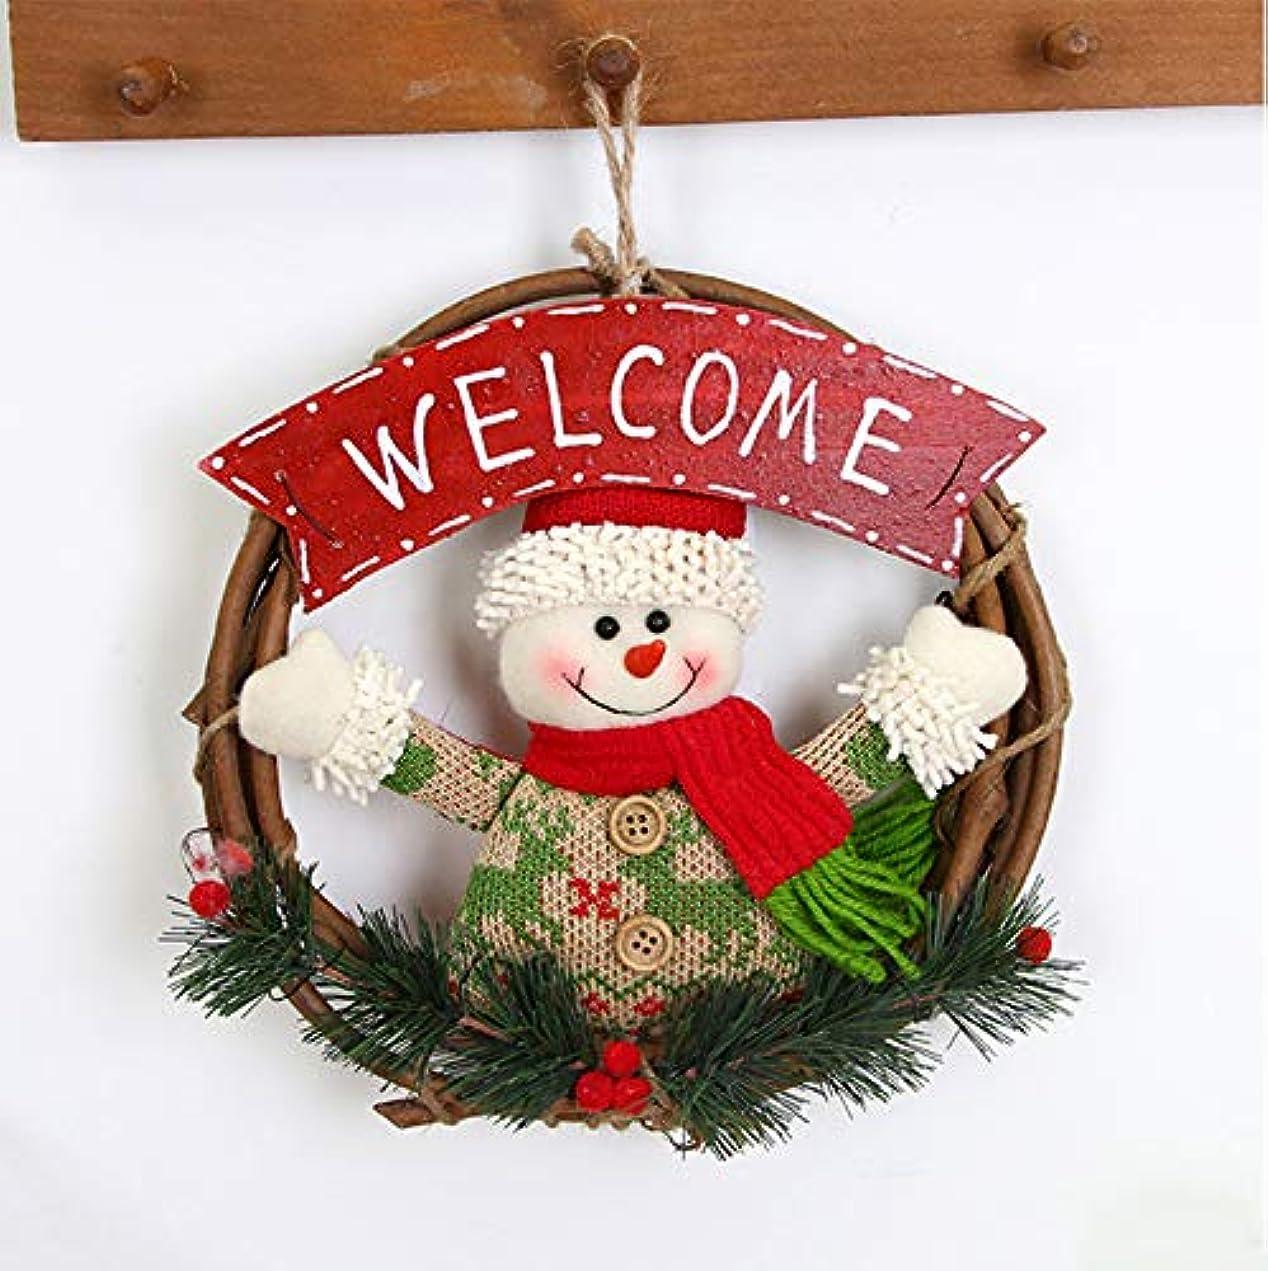 人工平和的無知クリスマス用リース クリスマス花輪 サンタクロース 玄関 サンタ ドア 壁 飾りプレゼント 手作り 装飾輪 祝日 装飾 飾り物 おしゃれ (スノーマン)